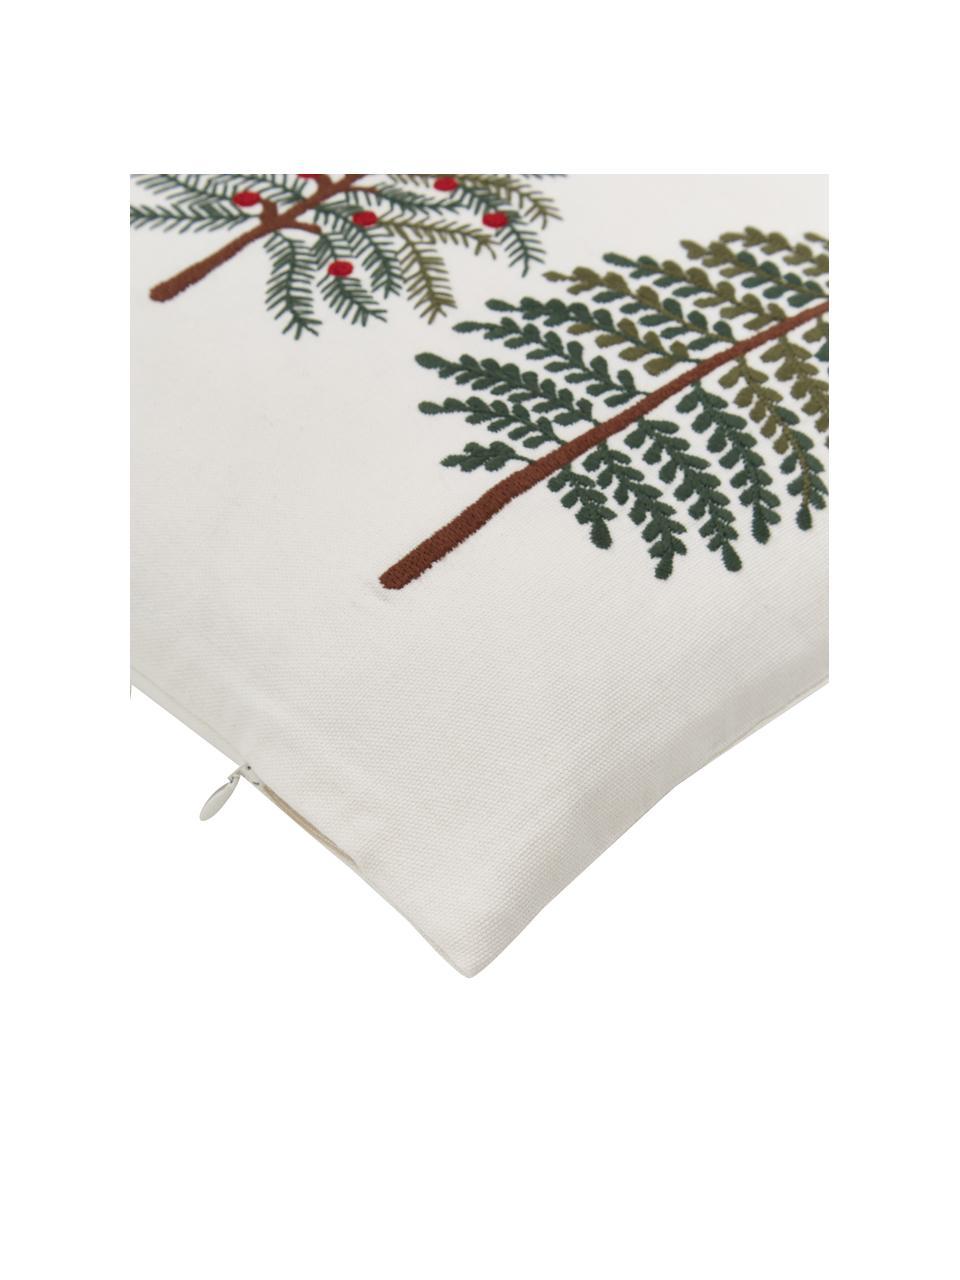 Bestickte Kissenhülle Fenna mit winterlichem Motiv, 100% Baumwolle, Mehrfarbig, 30 x 50 cm